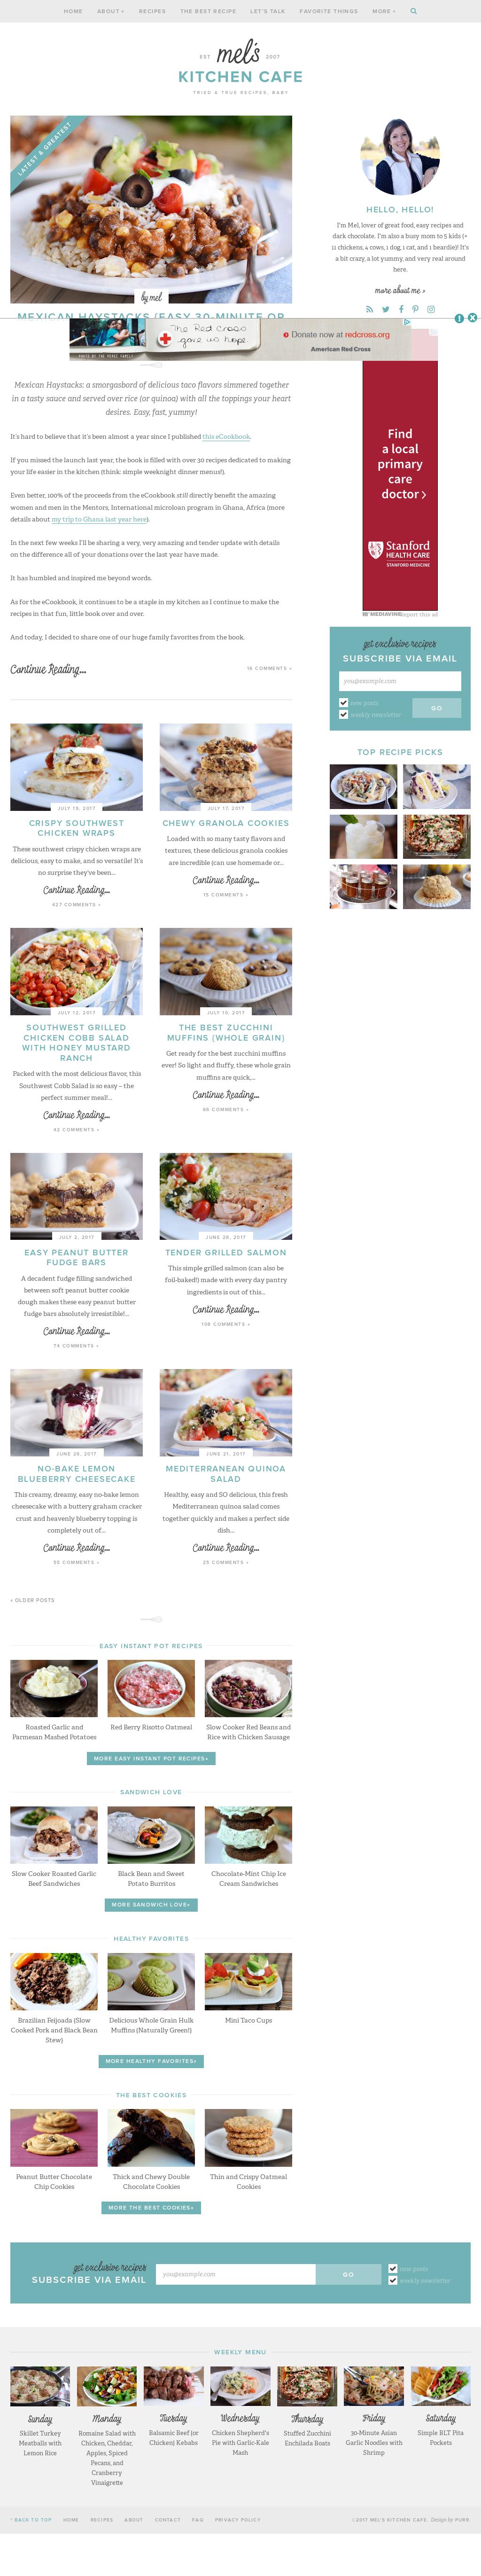 mels kitchen cafe website history - Mels Kitchen Cafe